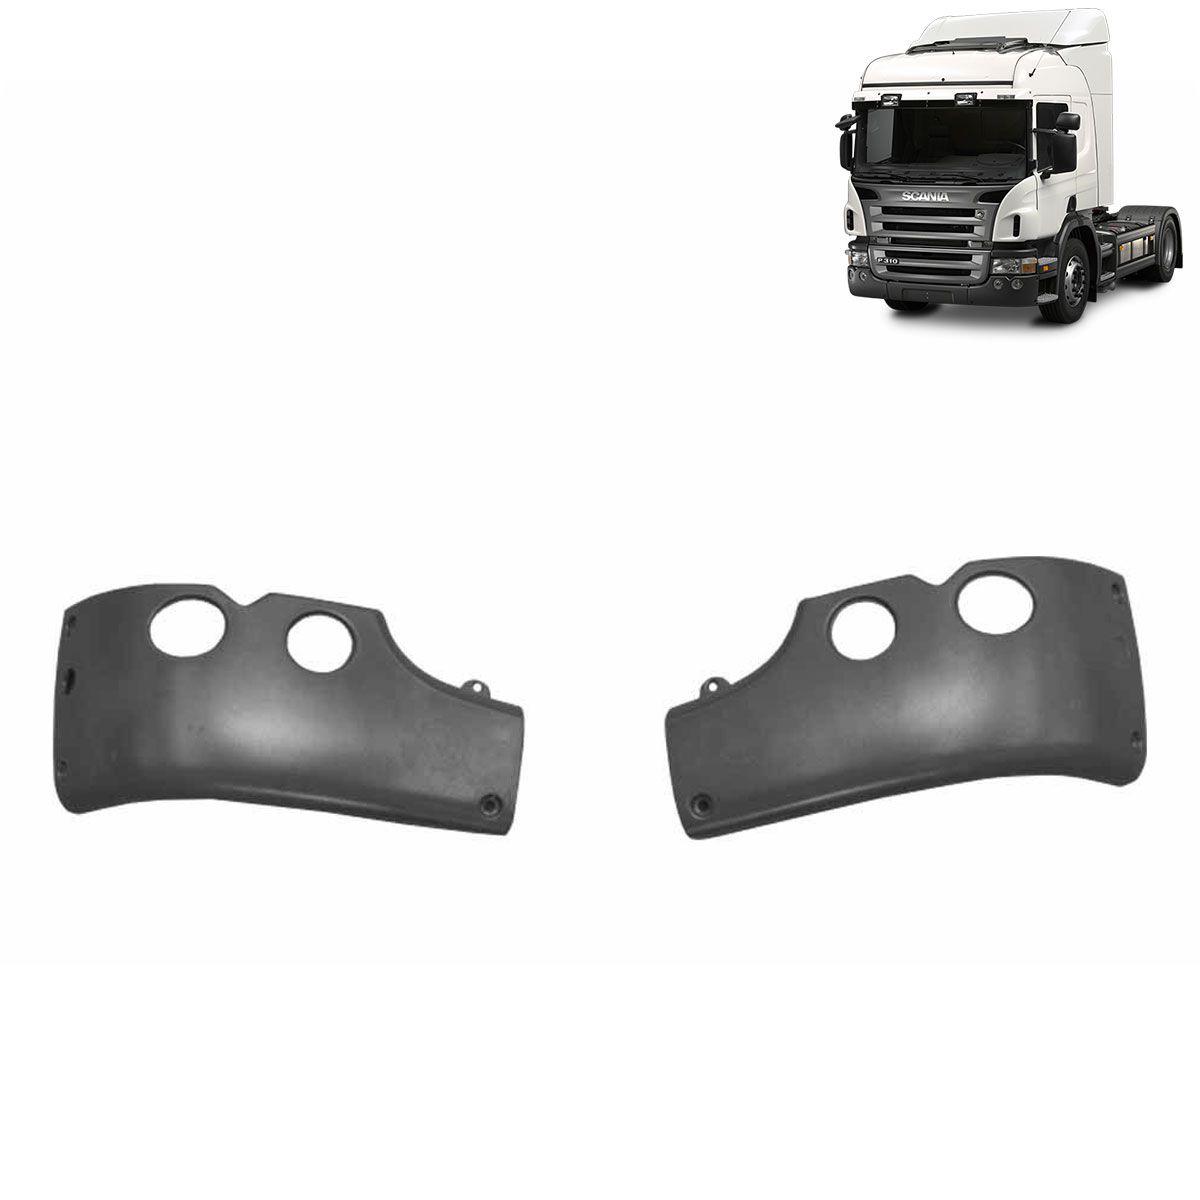 Cobertura Para-choque Compatível com o Caminhão Scania S5 até 2009